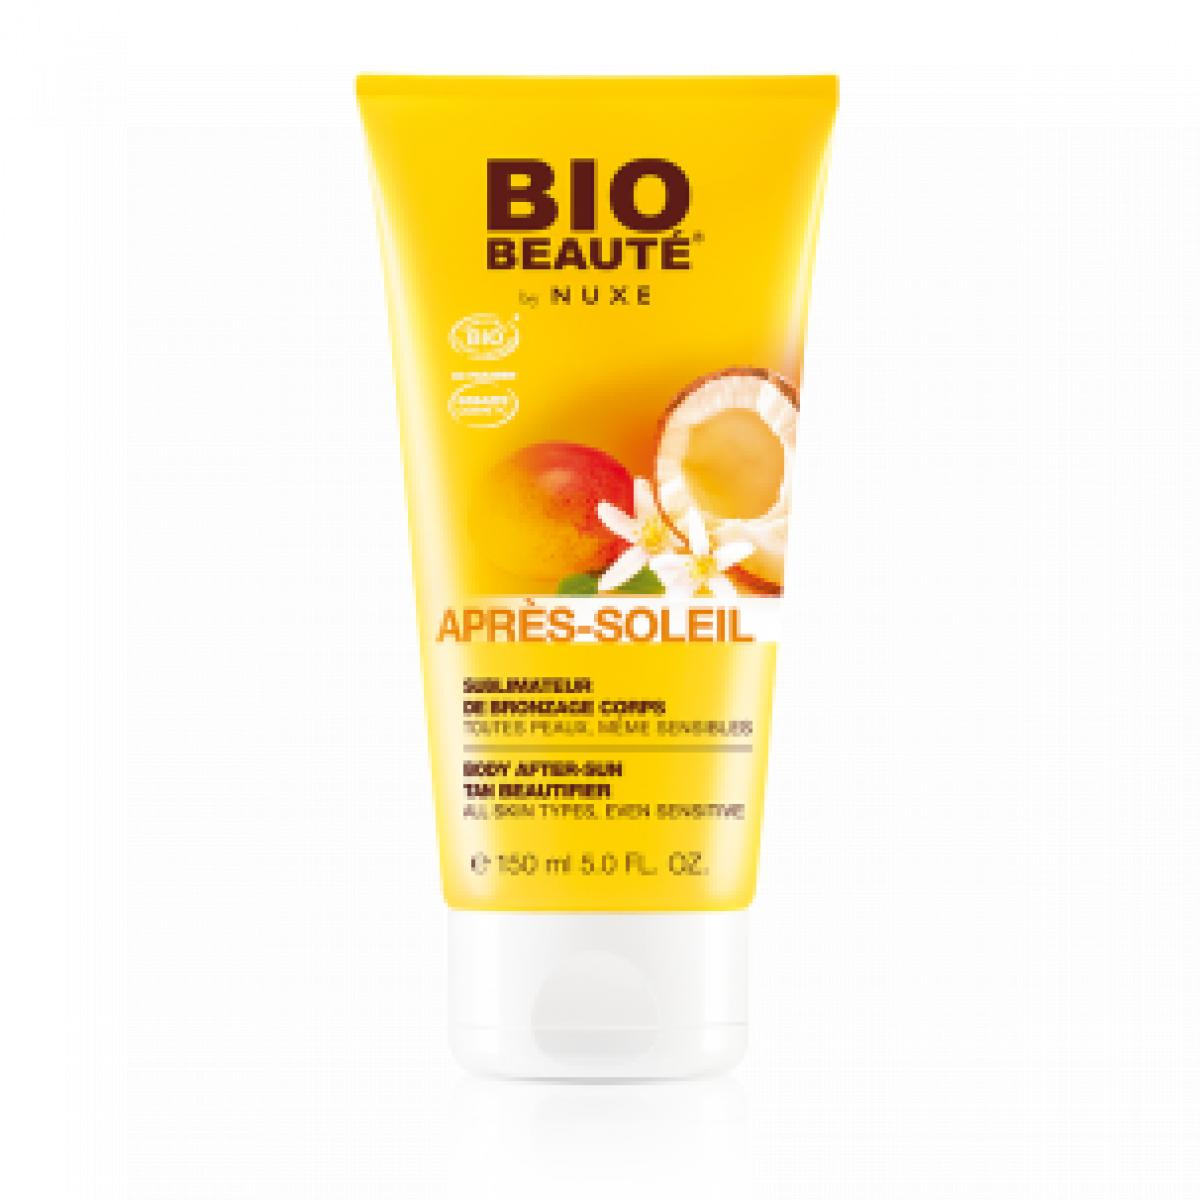 Bio beaute by nuxe apr s soleil sublimateur de bronzage corps 150ml sur pharmarket - Bouton apres coup de soleil ...